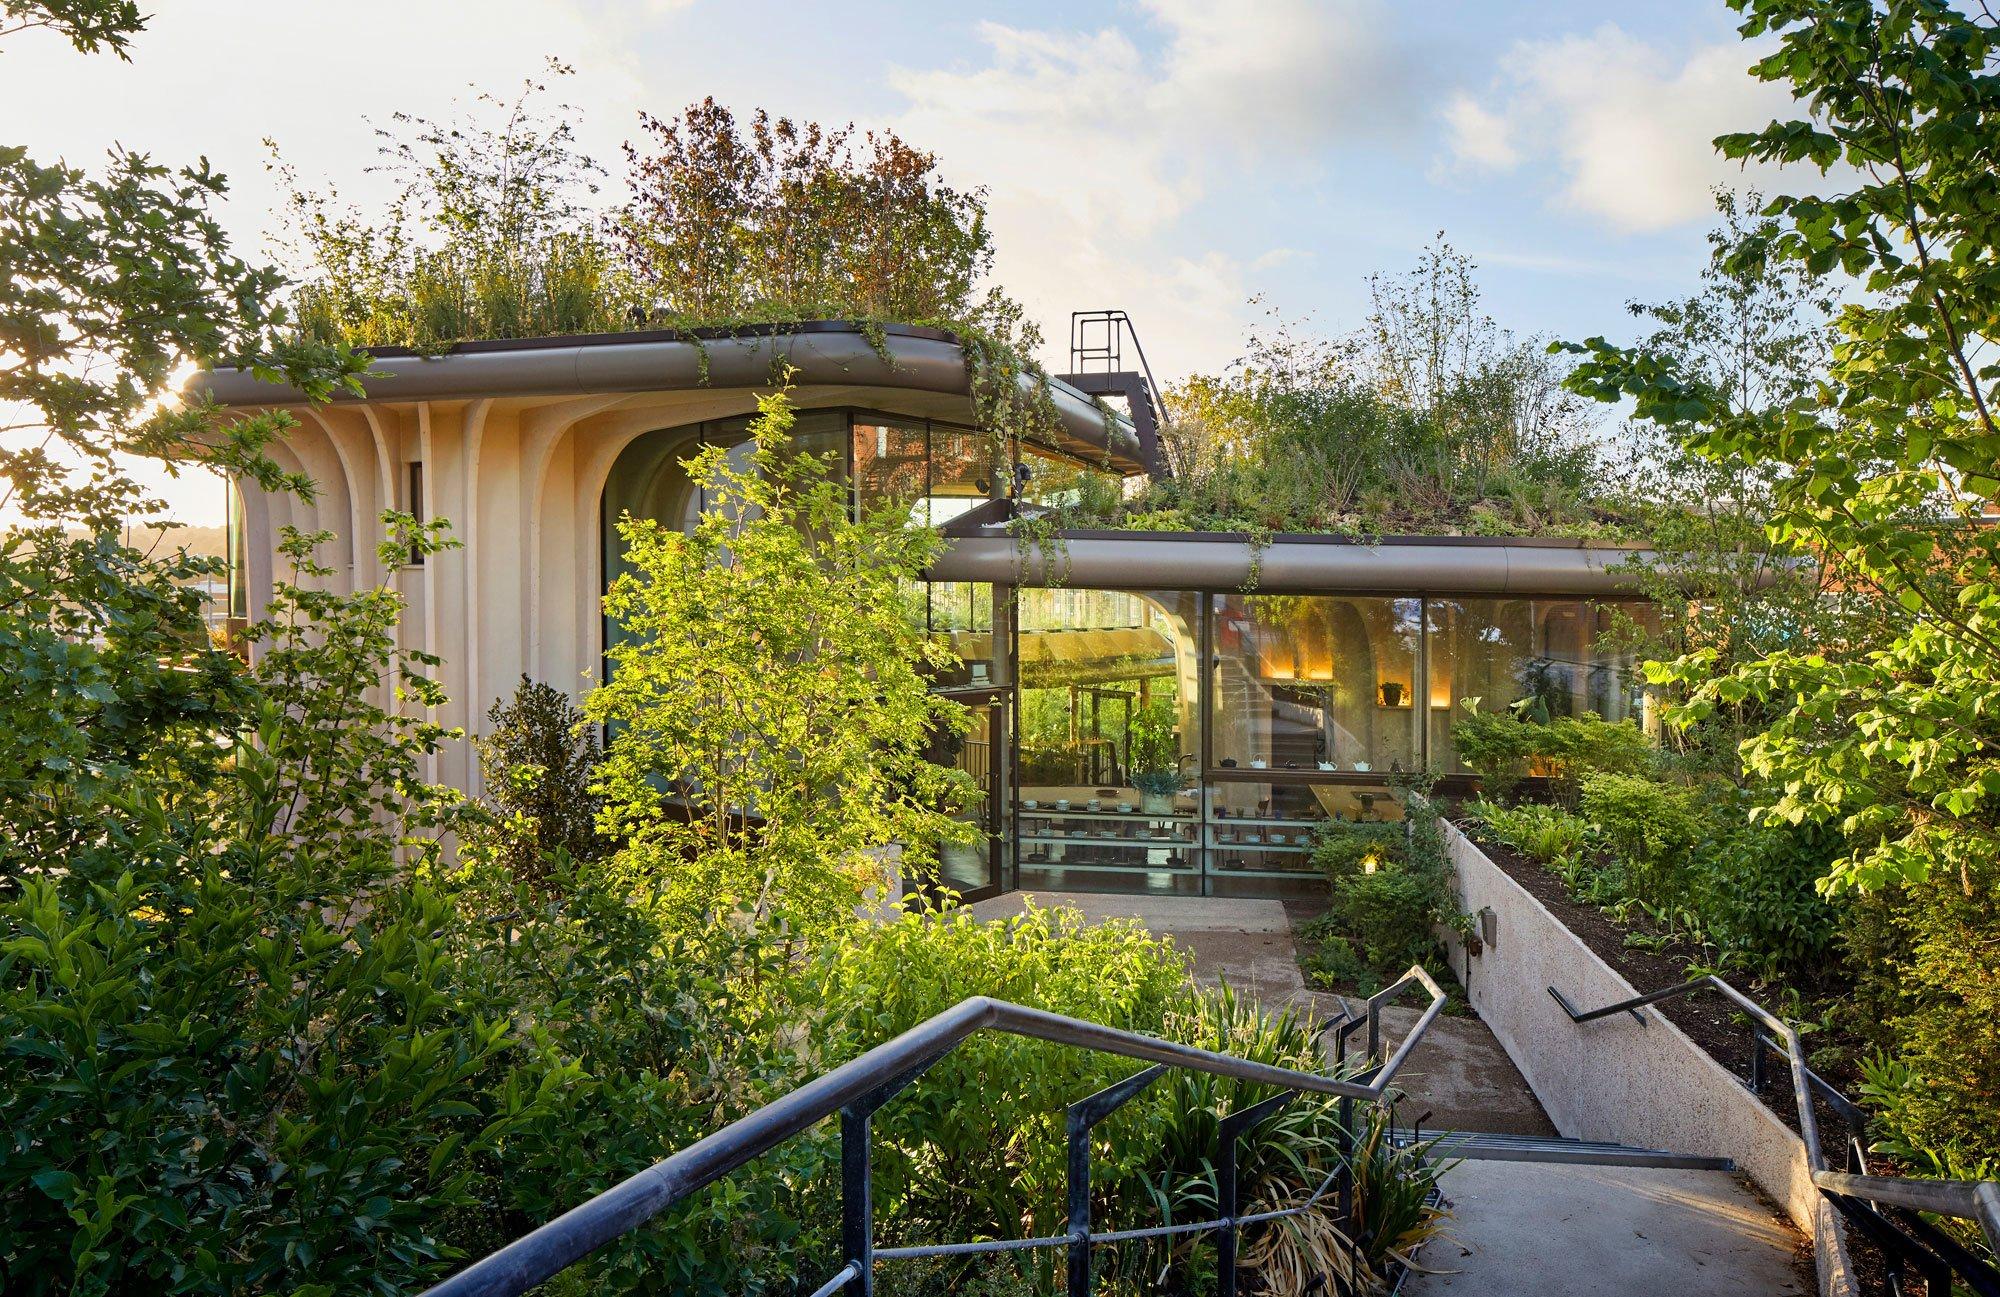 Im Einklang mit der Natur: Das Maggie's Centre im englischen Leeds lässt die Übergänge von Architektur, Landschaft und Garten verschwimmen.